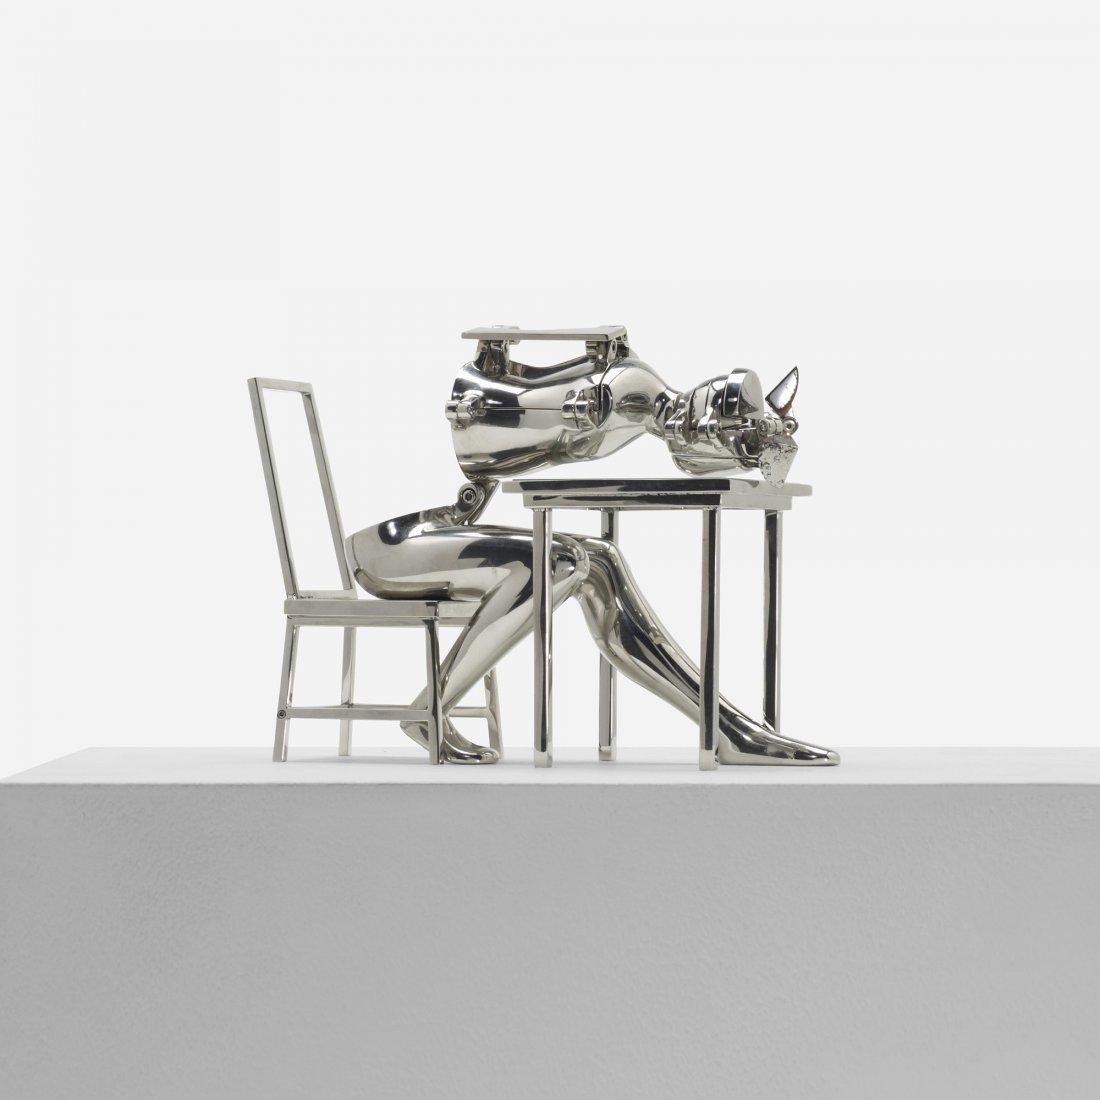 294: Ernest Trova Seated Figure VII